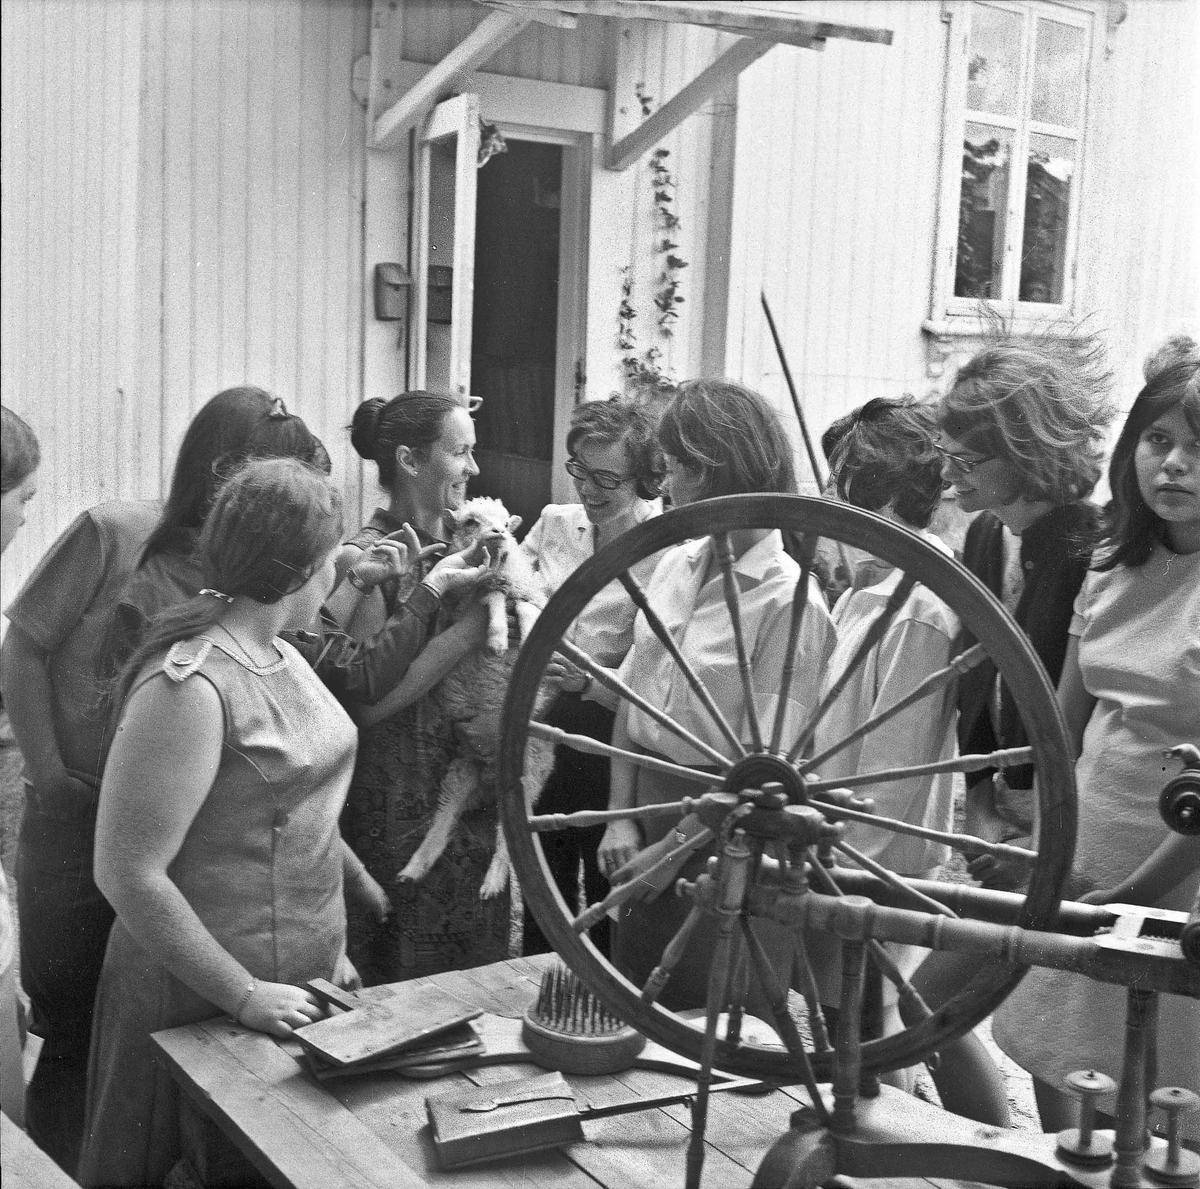 Kvinner studerer spinning av garn.